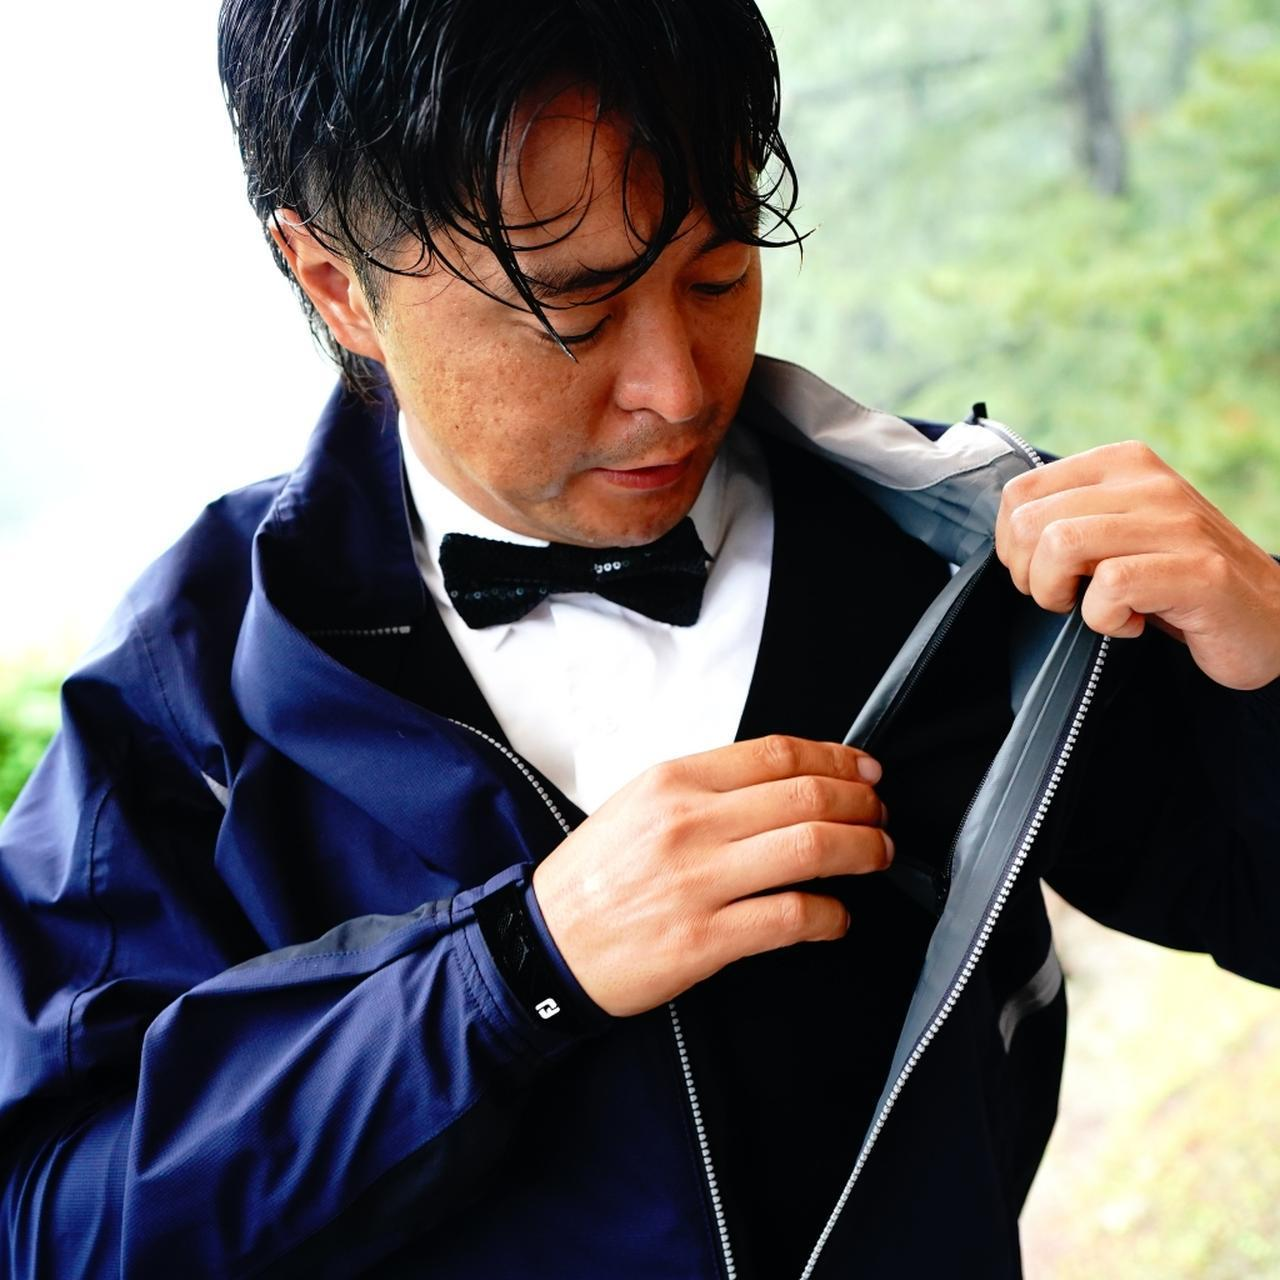 画像: 外ポケットにスコアカードを入れると雨水でボロボロに。内ポケットなら大丈夫!